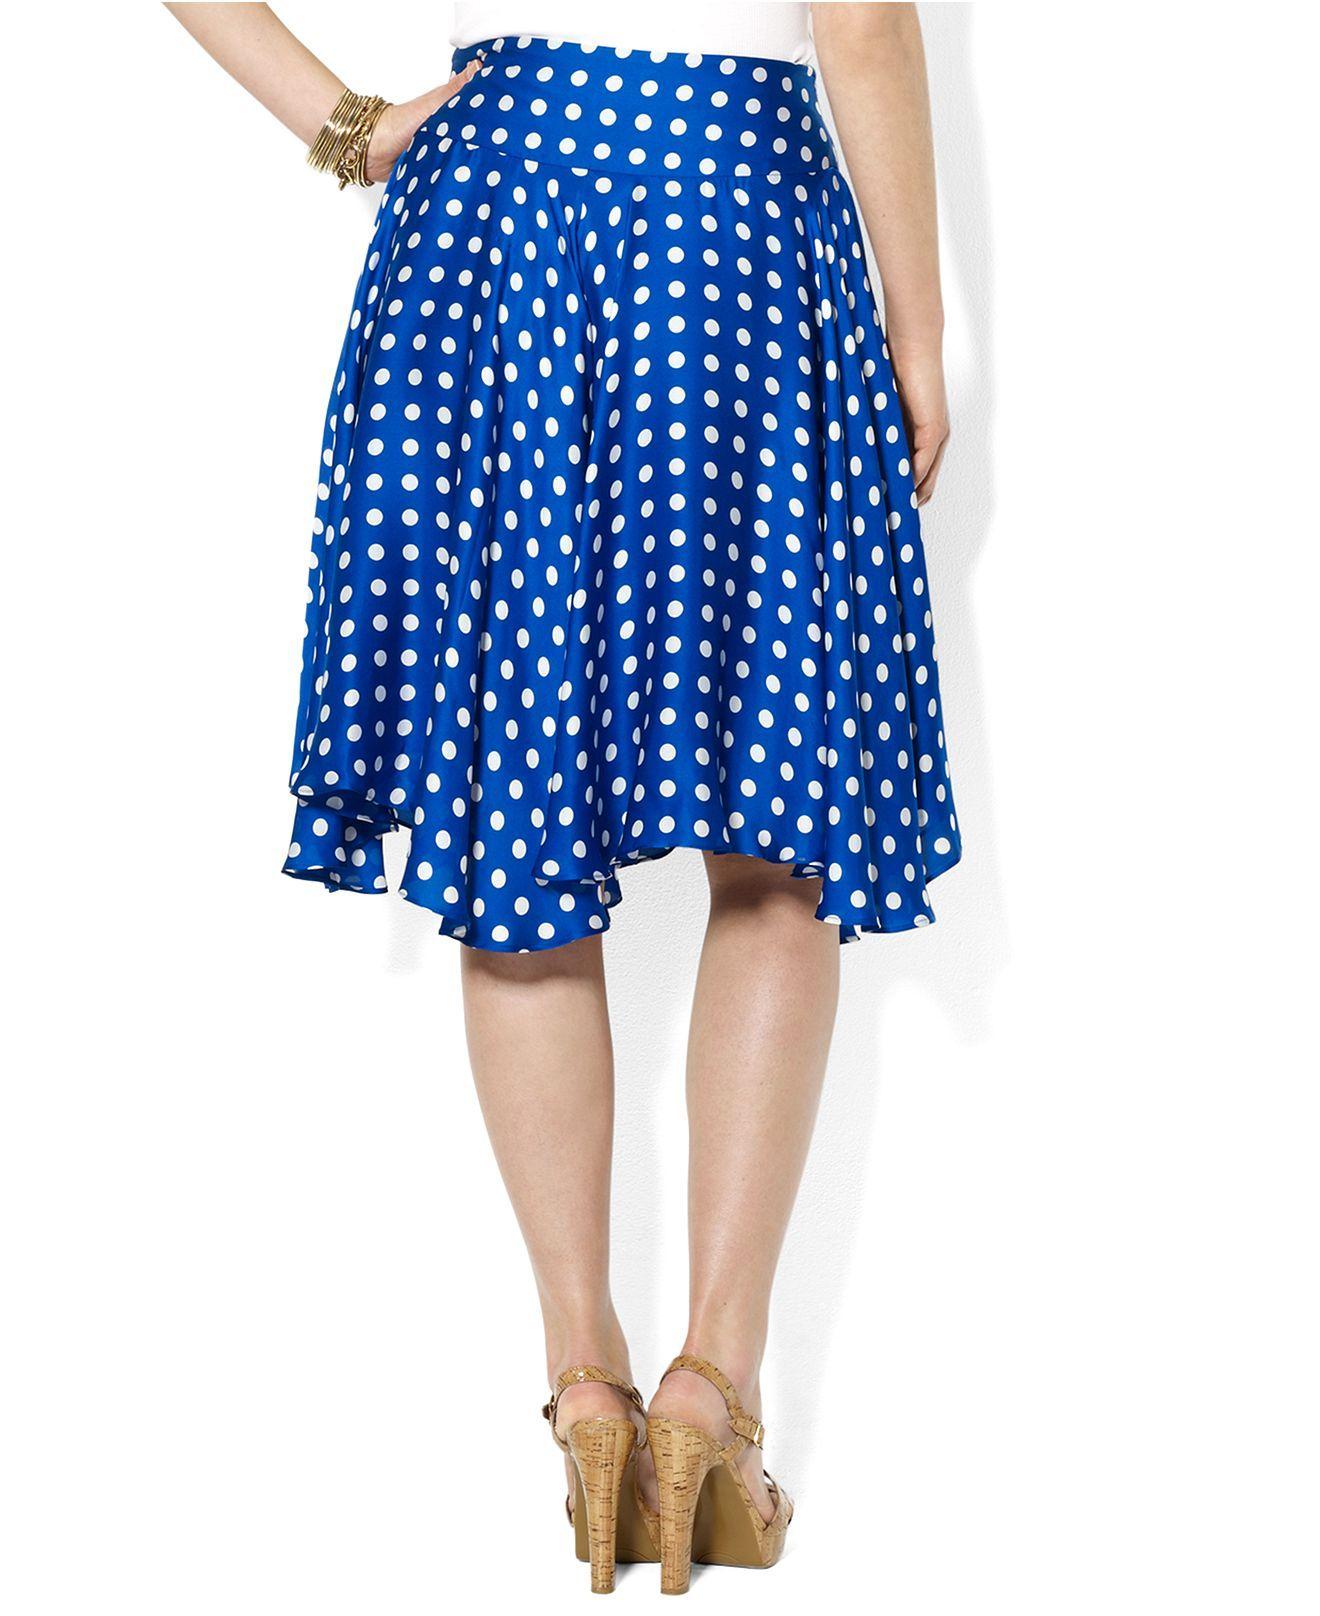 b20a885ab3 Lauren Ralph Lauren Plus Size Skirt, Polka-Dot Ruffled Silk - Plus Size  Skirts - Plus Sizes - Macys